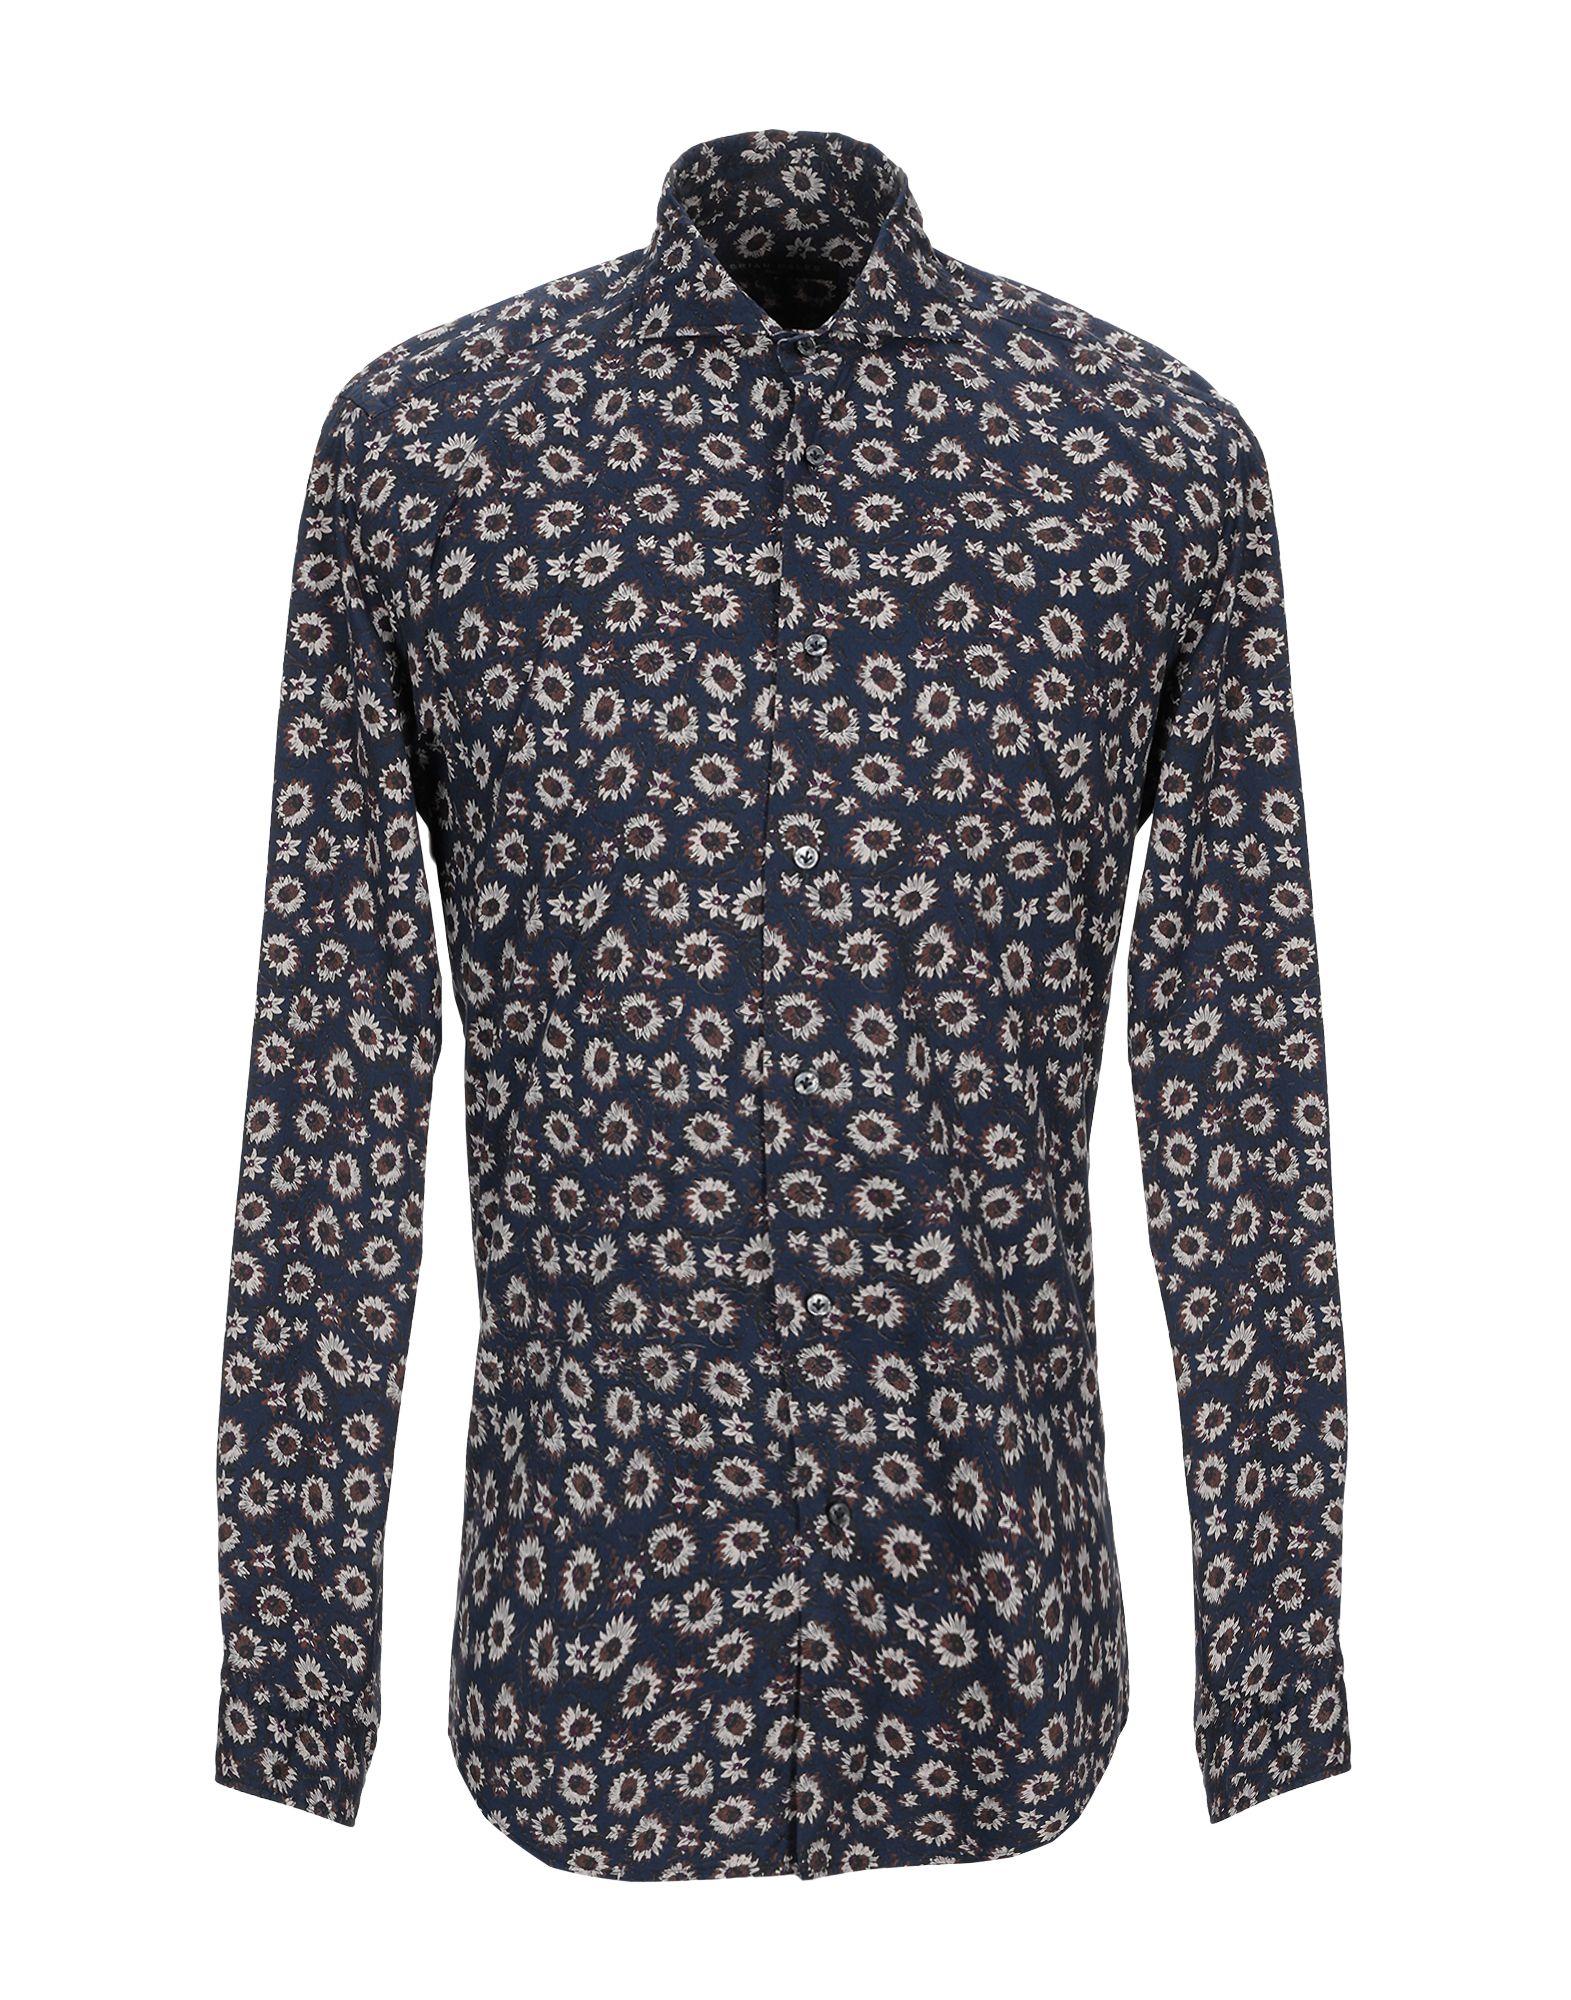 Camicia Camicia Fantasia Brian Dales uomo - 38834849TJ